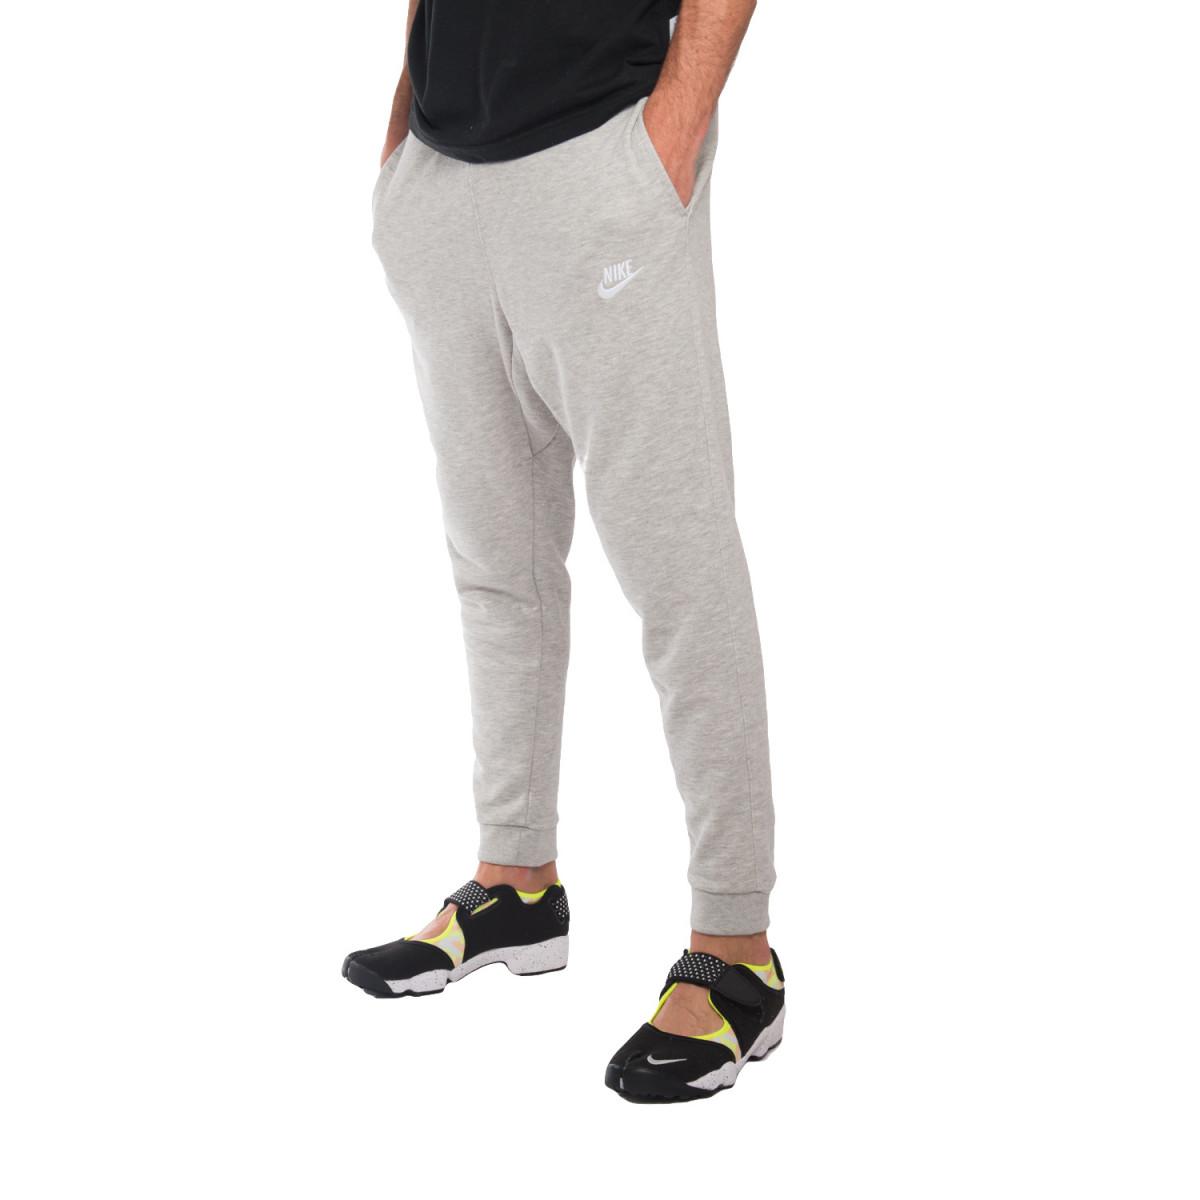 low price e219d 63fb6 Pantalon Nike Jogger